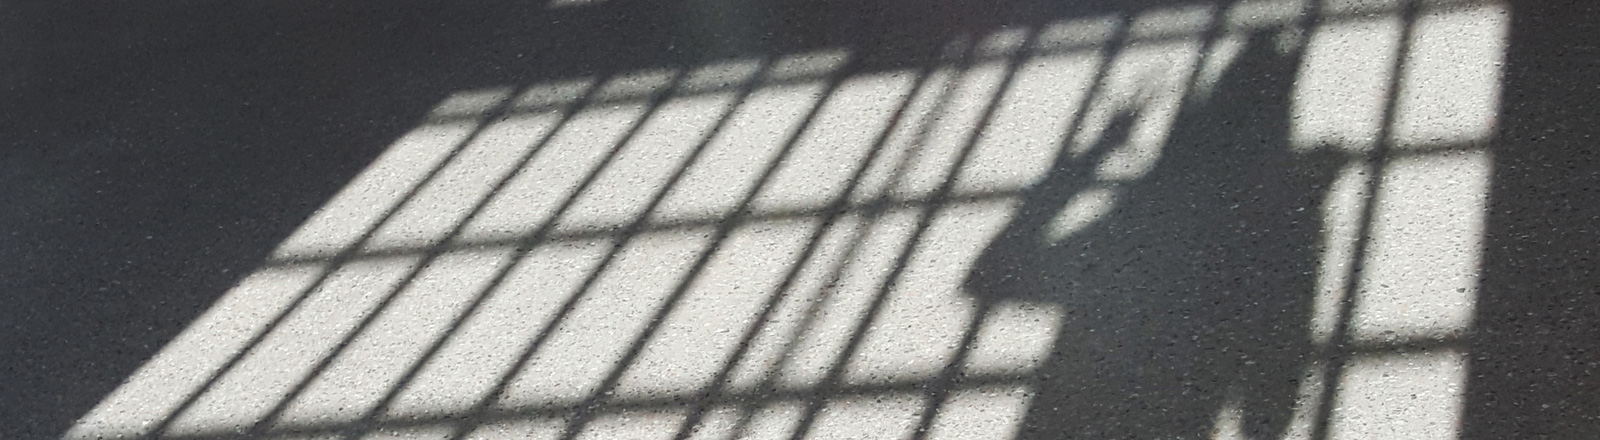 Eine Frau steht in einem Gefängnis am Gitter und wirft ihren Schatten auf den Boden.